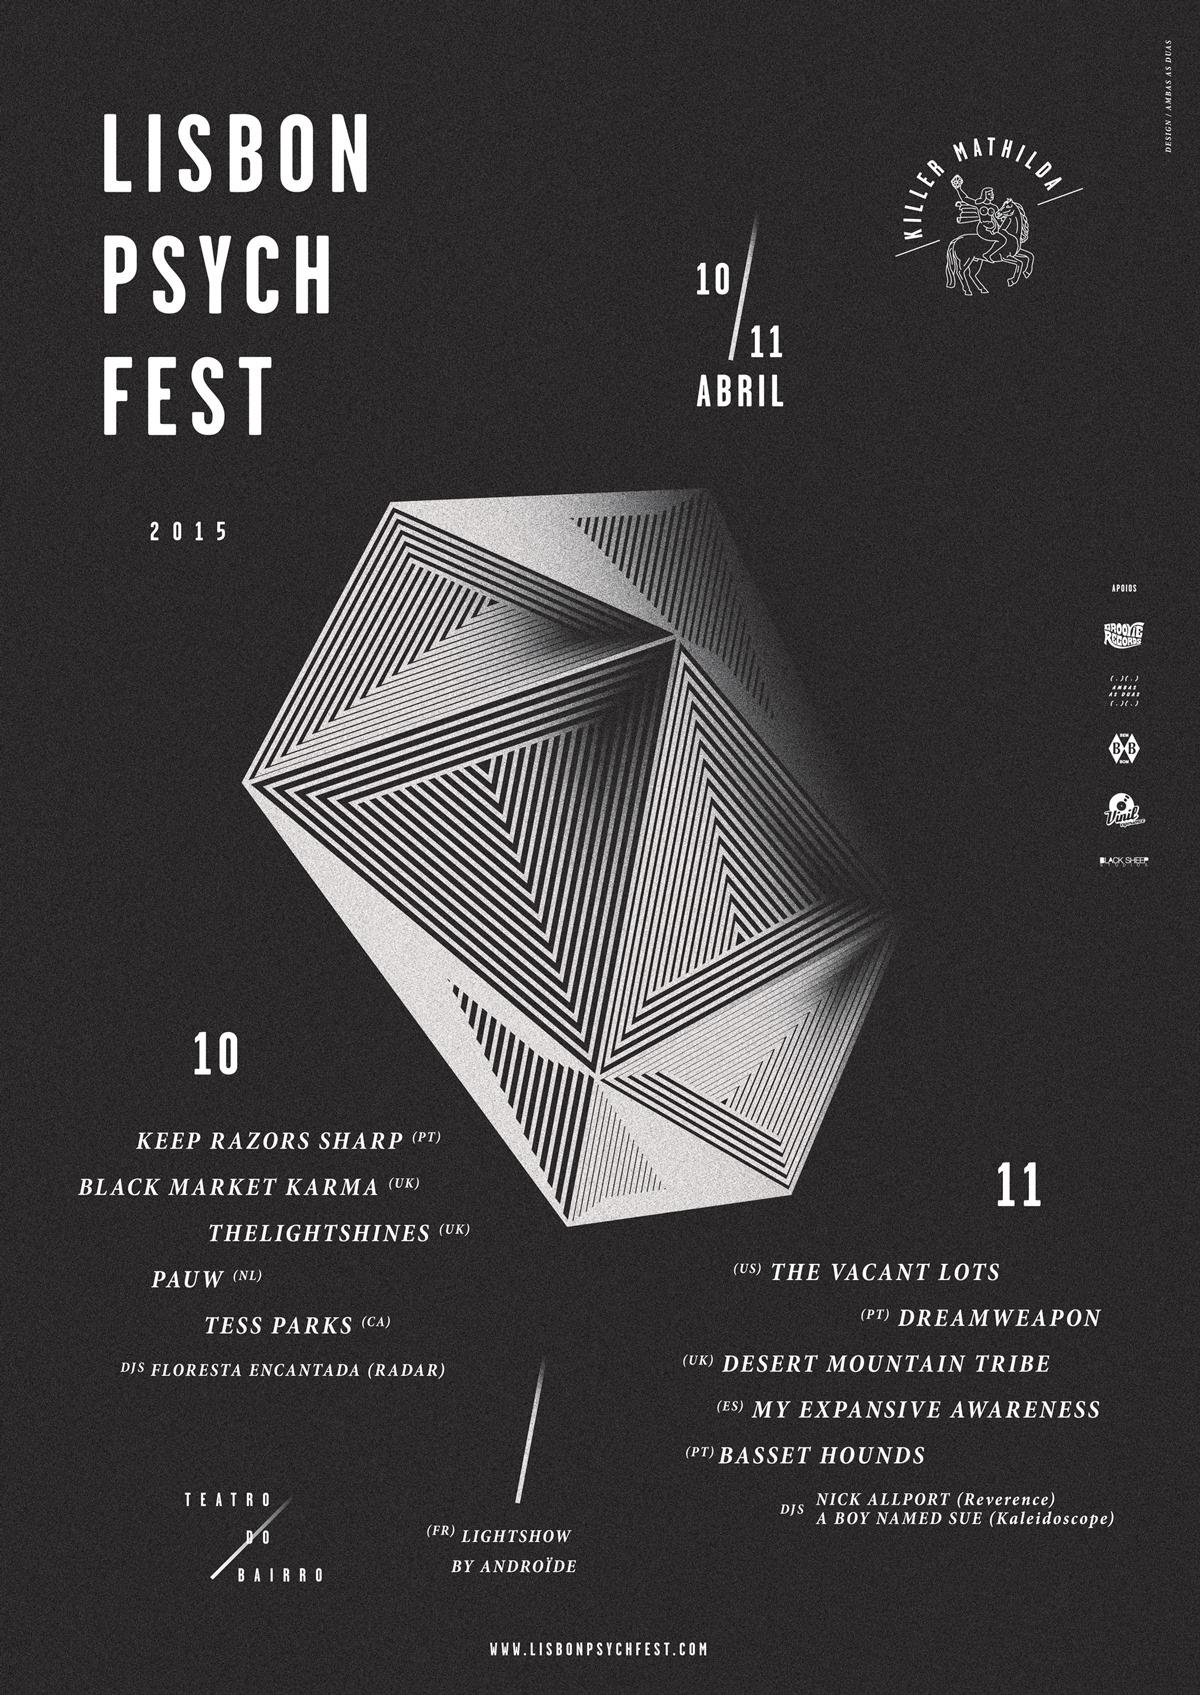 lisbonpsychfest15_cartaz